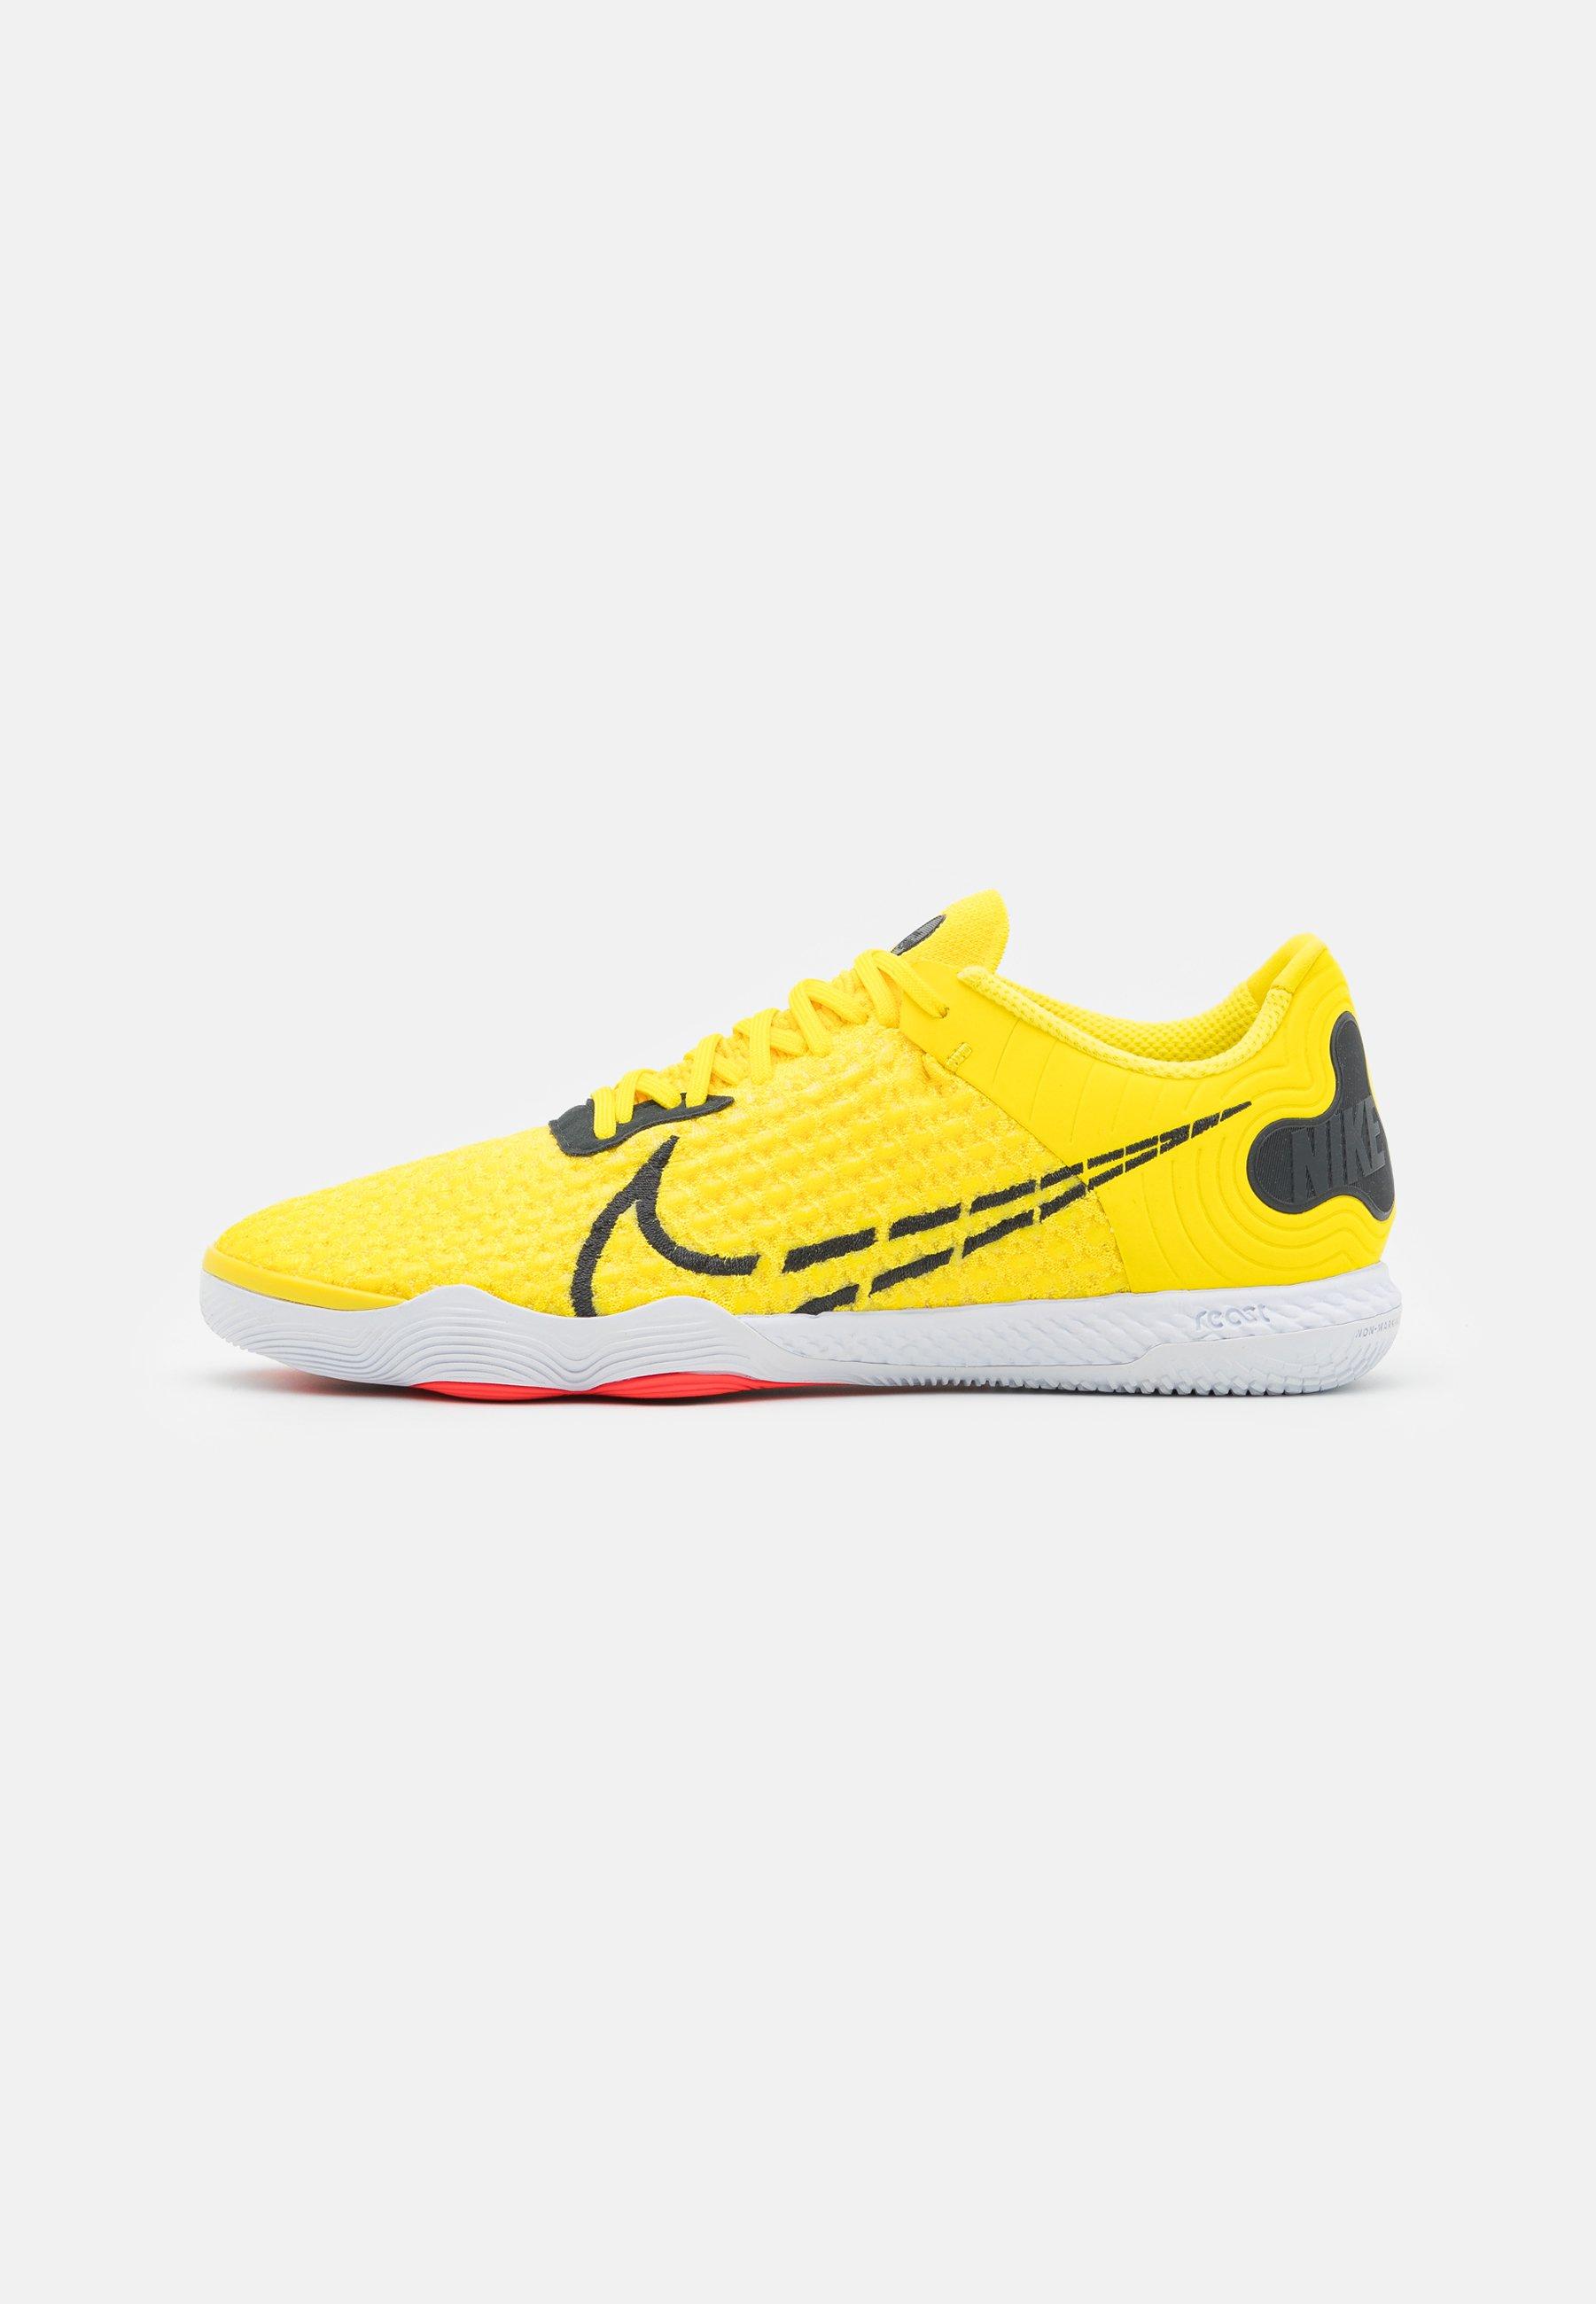 Homme REACTGATO  - Chaussures de foot en salle